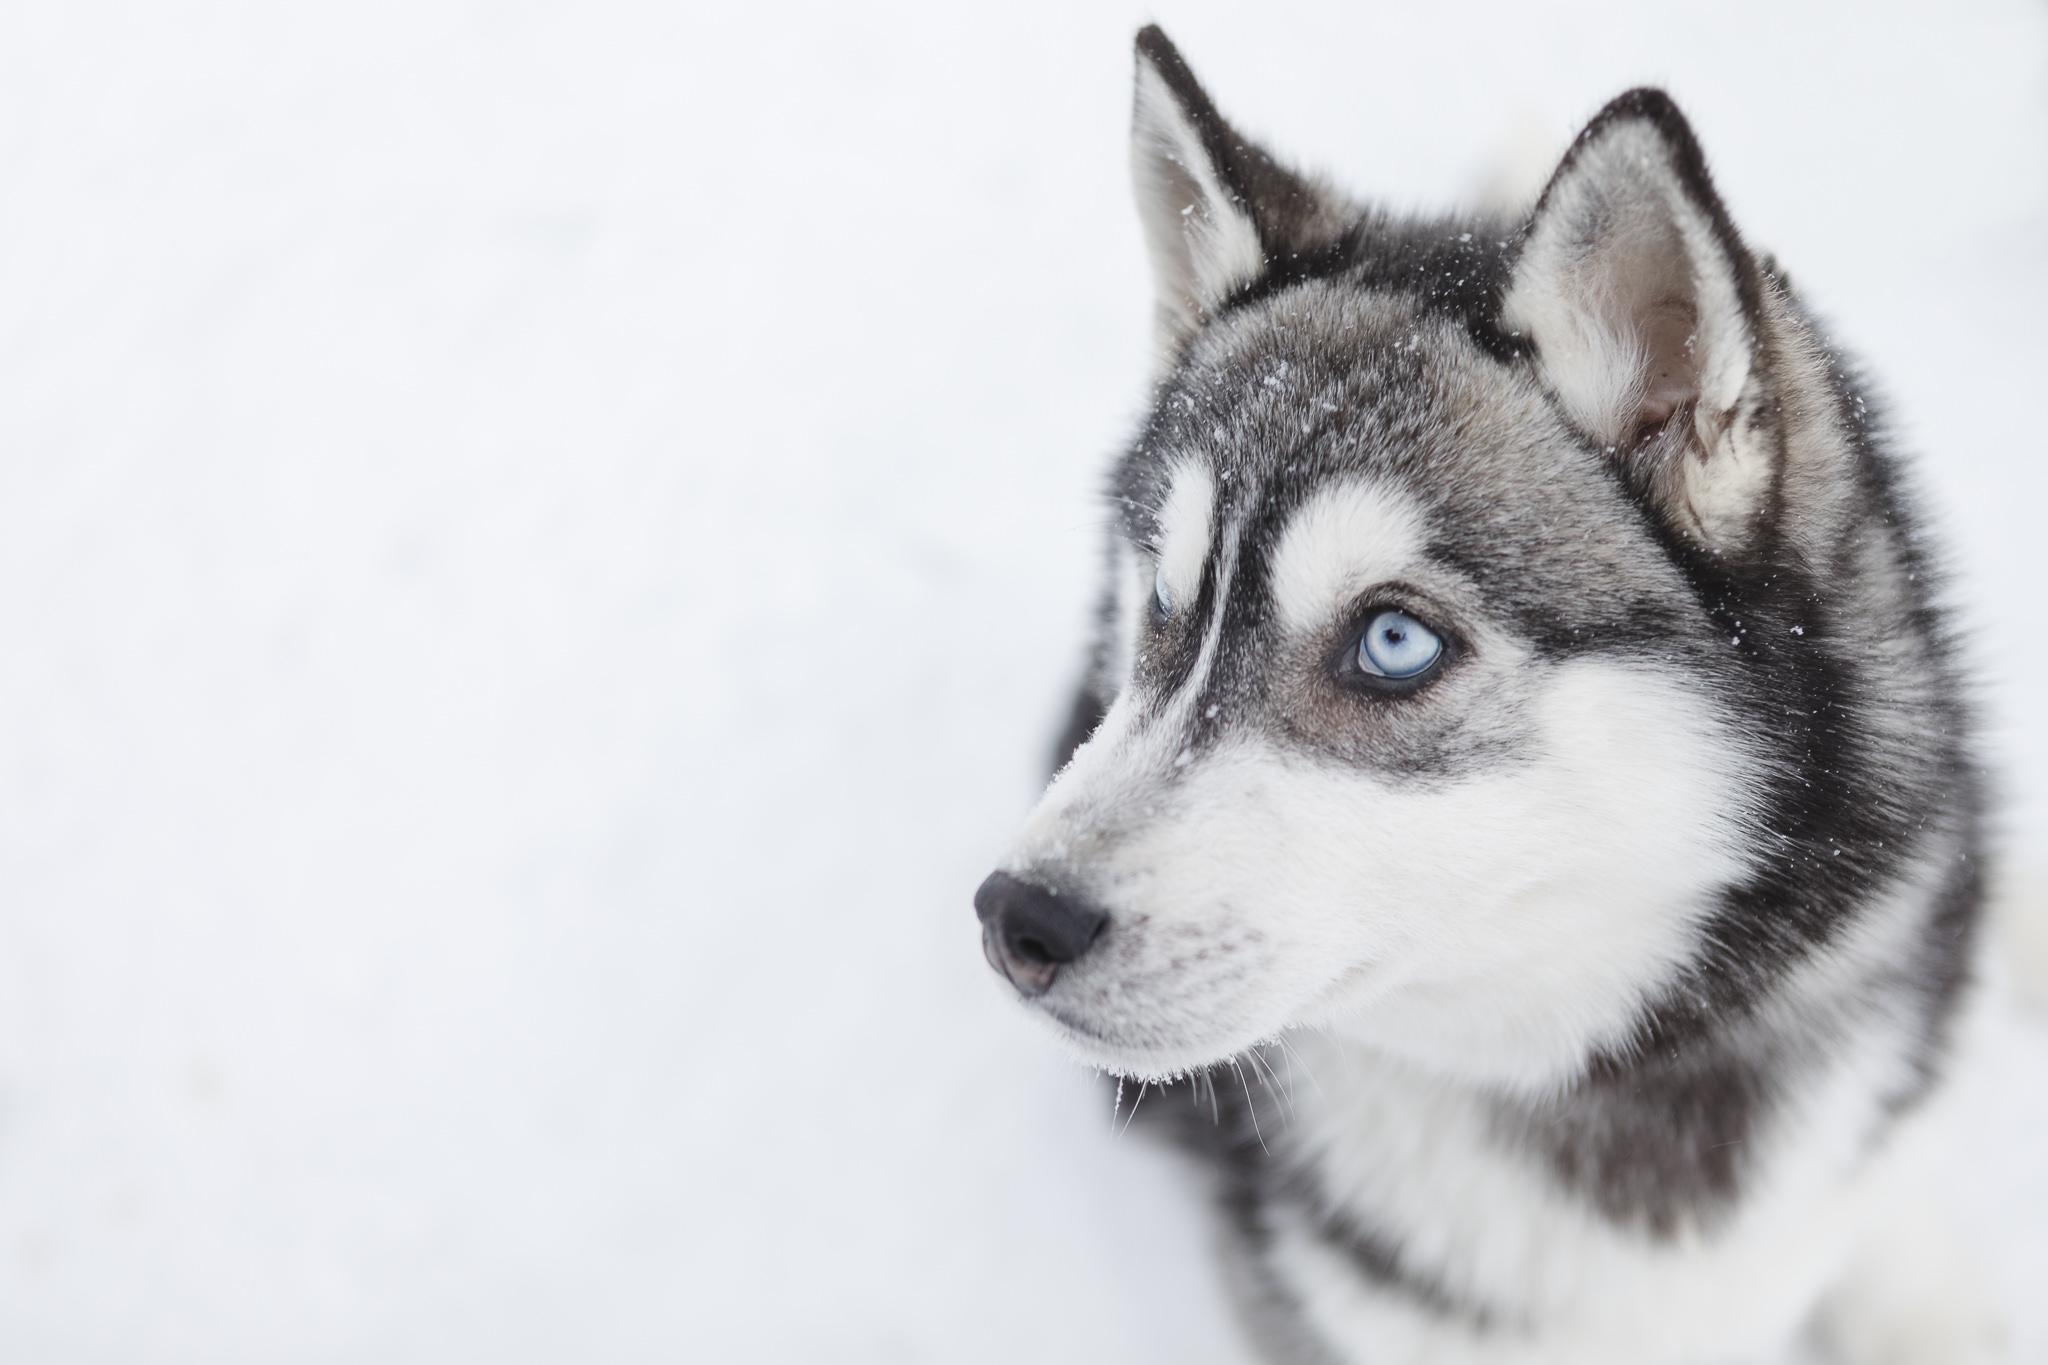 Fotoworkshop in Lappland - ein Husky im Schnee